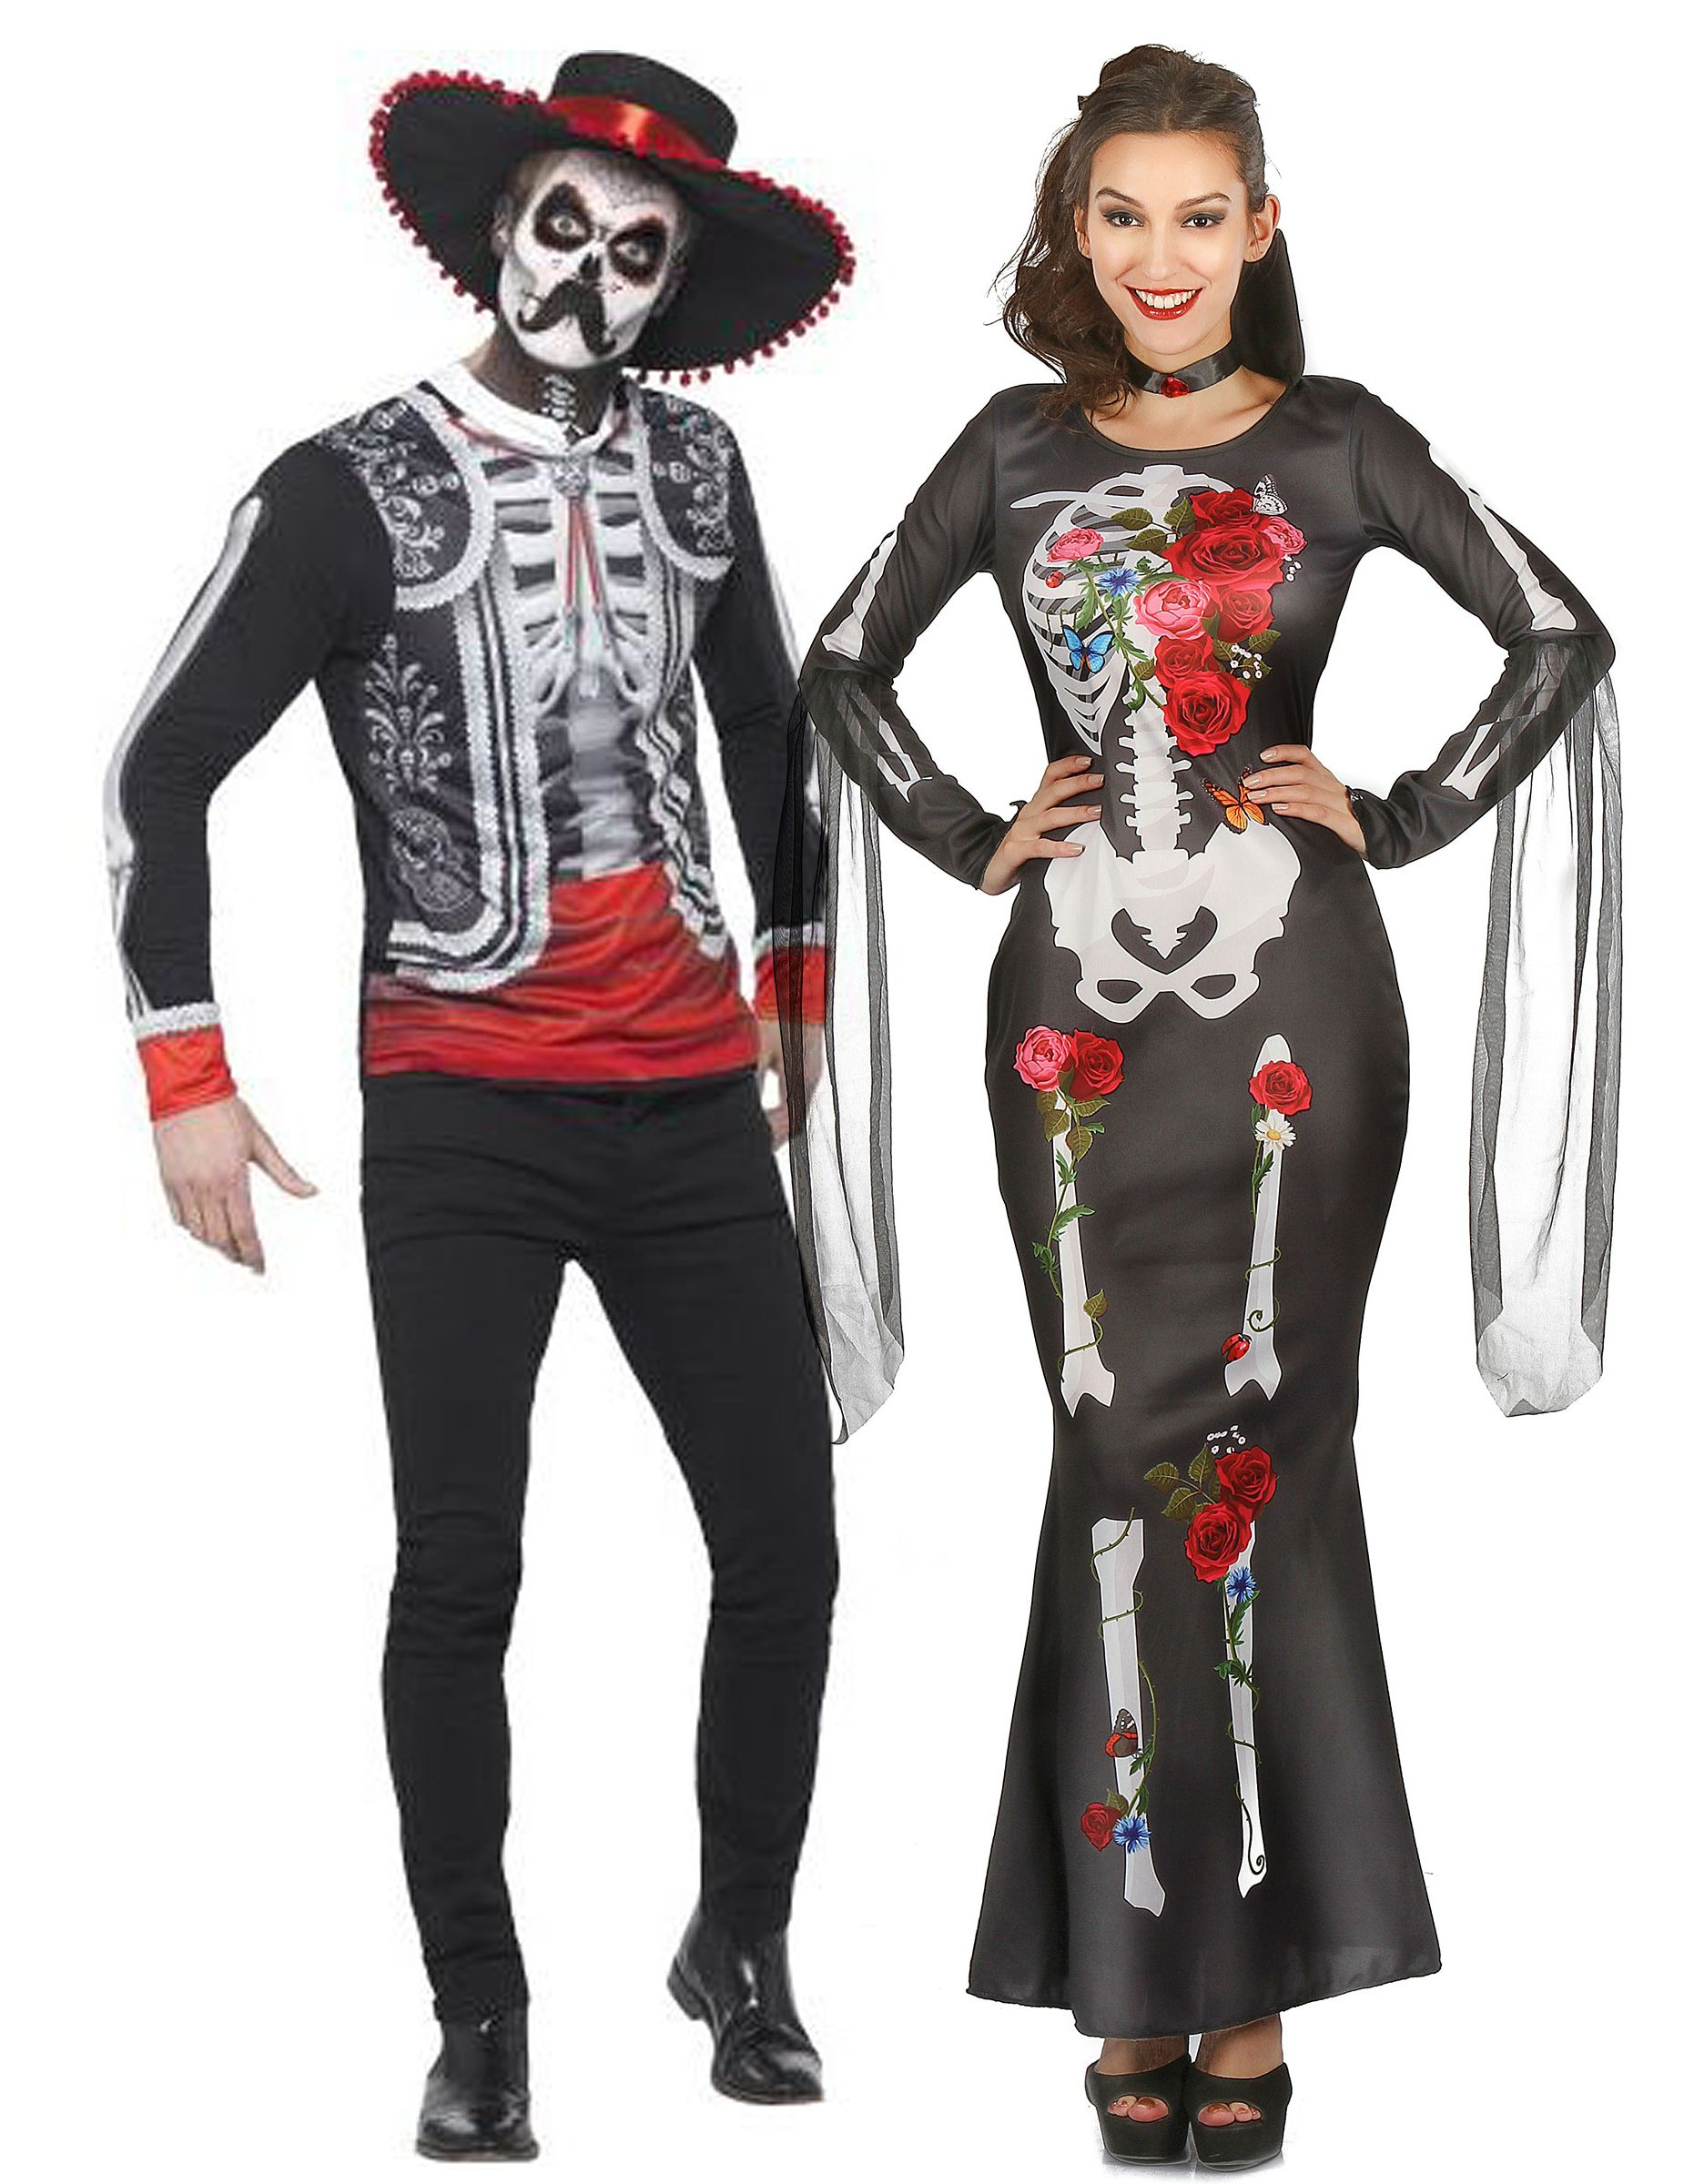 Costume di coppia di scheletri dia de los muertos per adulto  Il  travestimento dia de 51ca3cfa6bcb